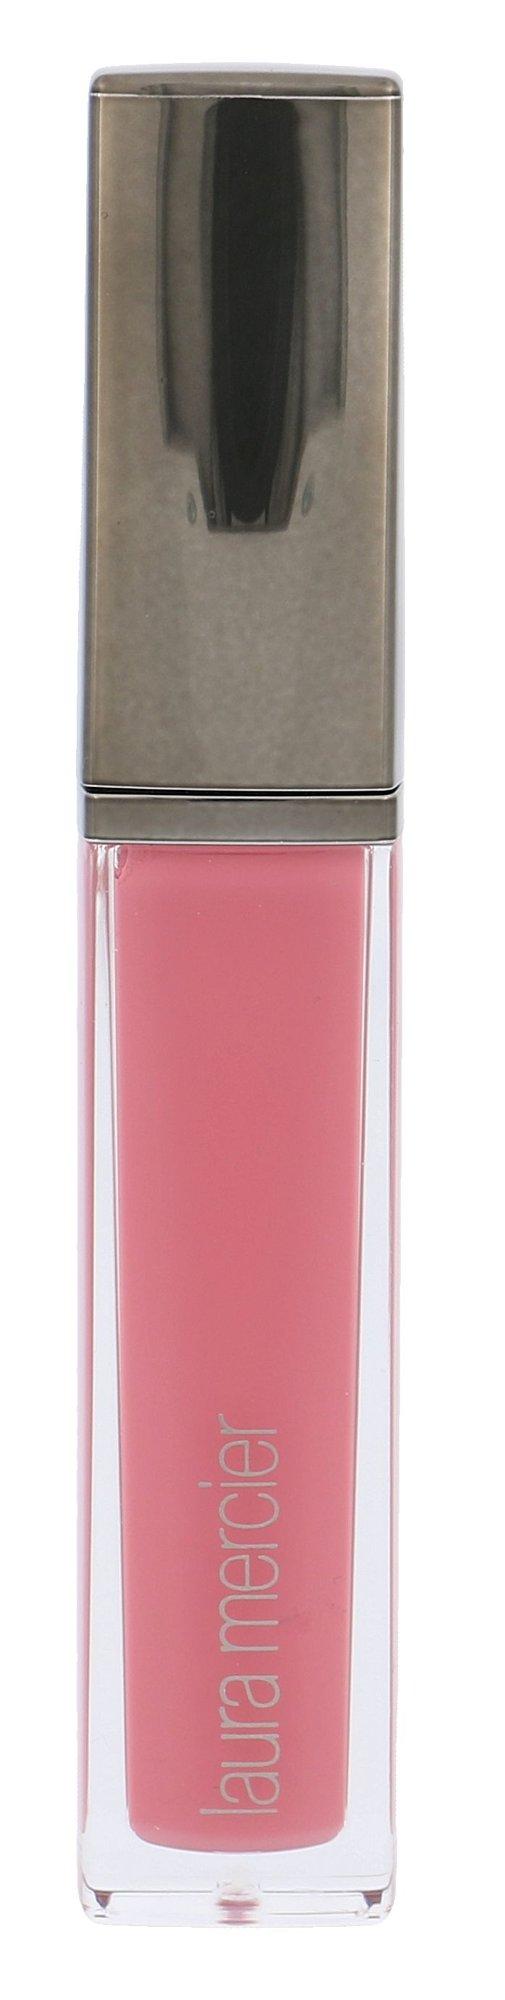 Laura Mercier Paint Wash Liquid Lip Colour Cosmetic 6ml Petal Pink